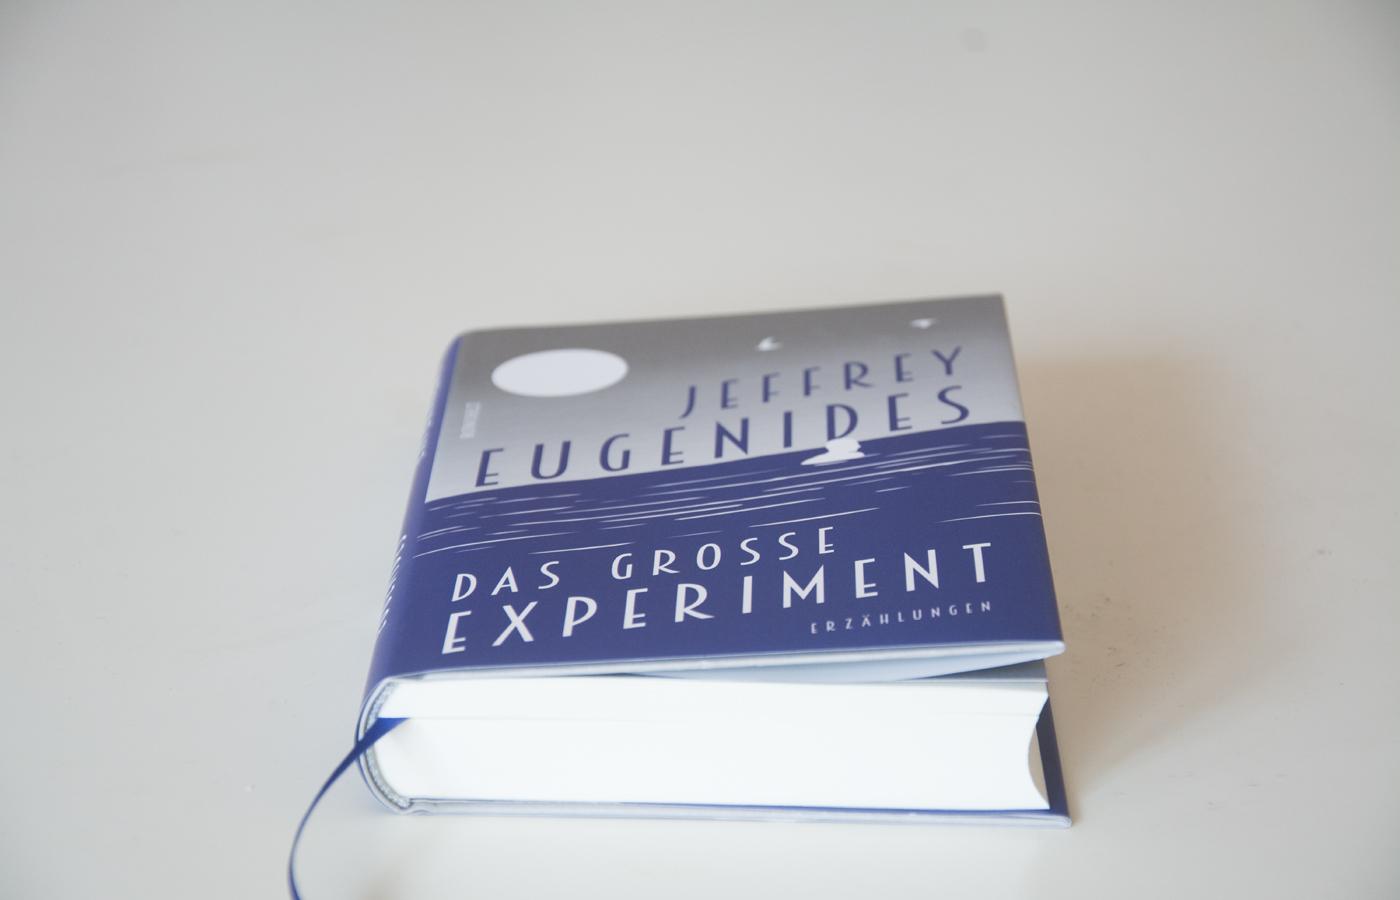 Literaturbesprechung:  »Das grosse Experiment« von Jeffrey Eugenides